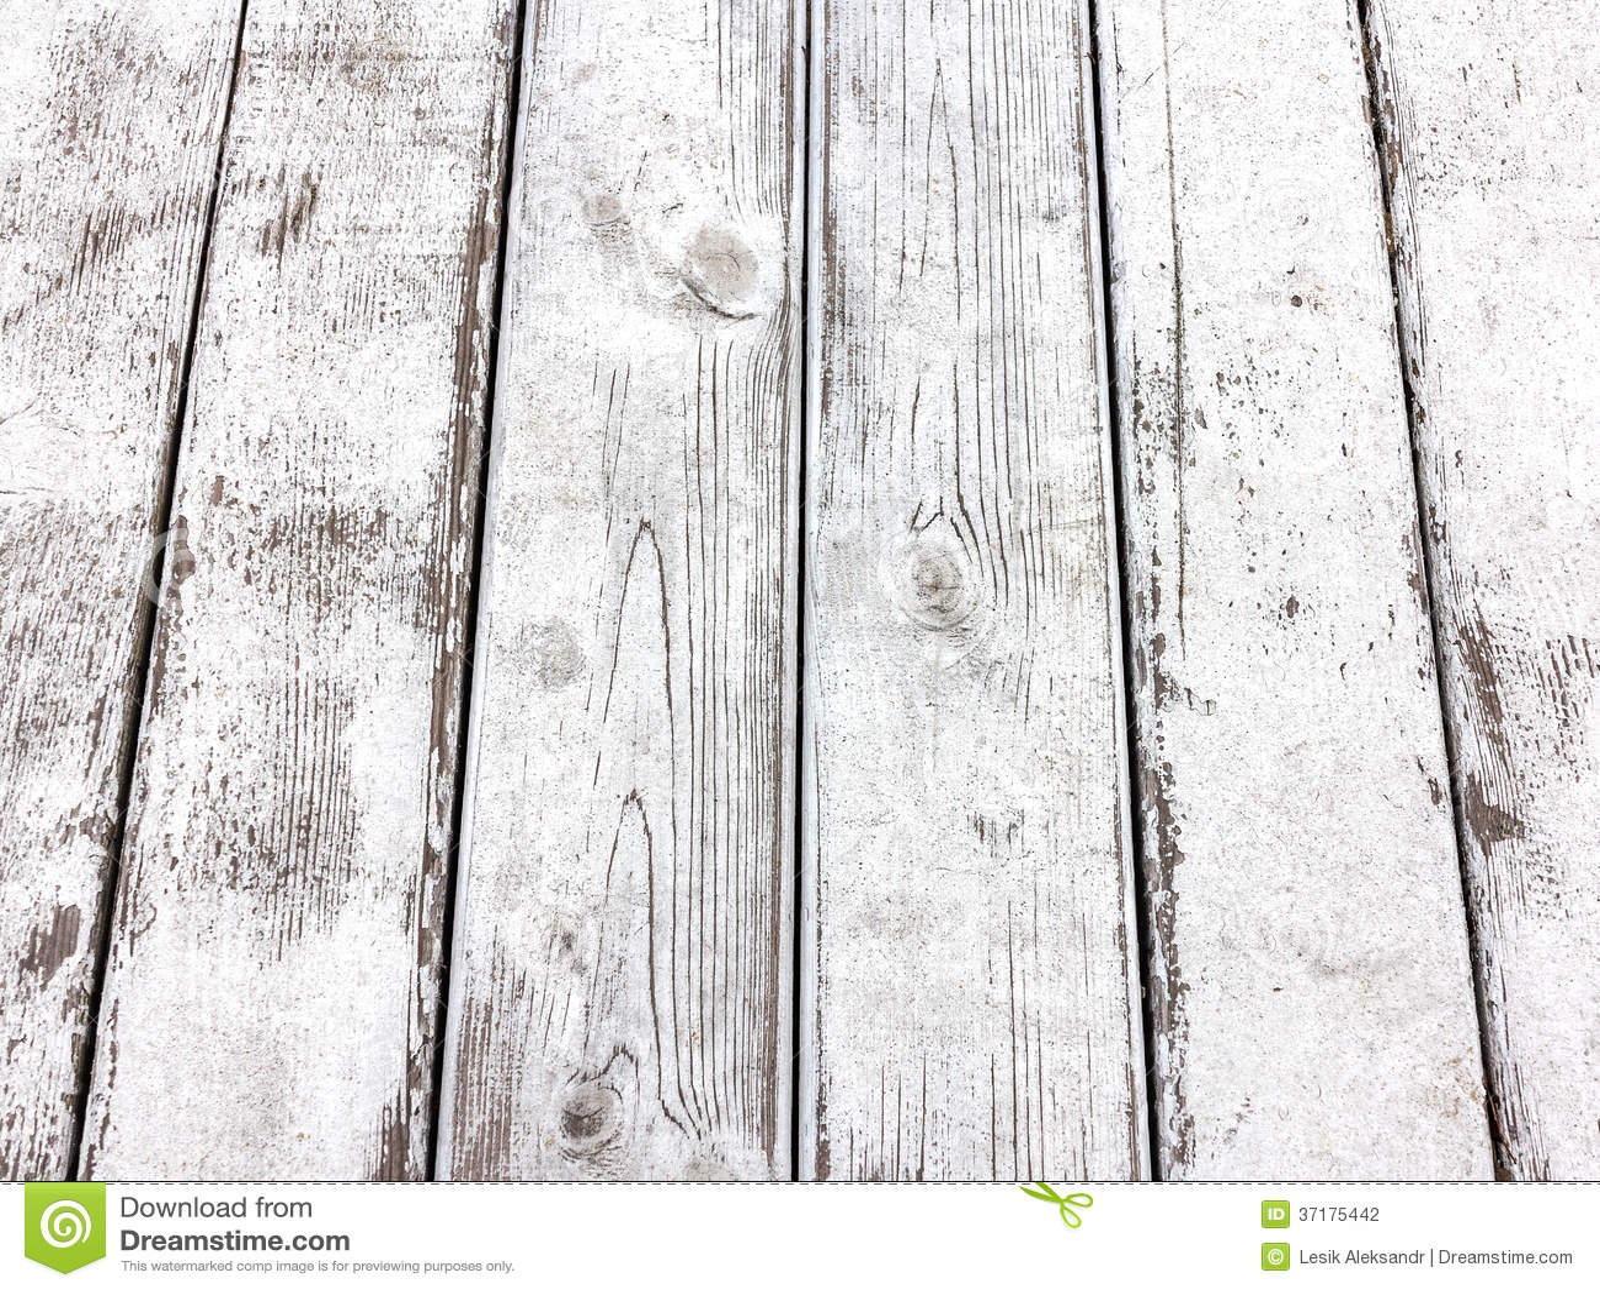 Old Wood Floor, Perspective